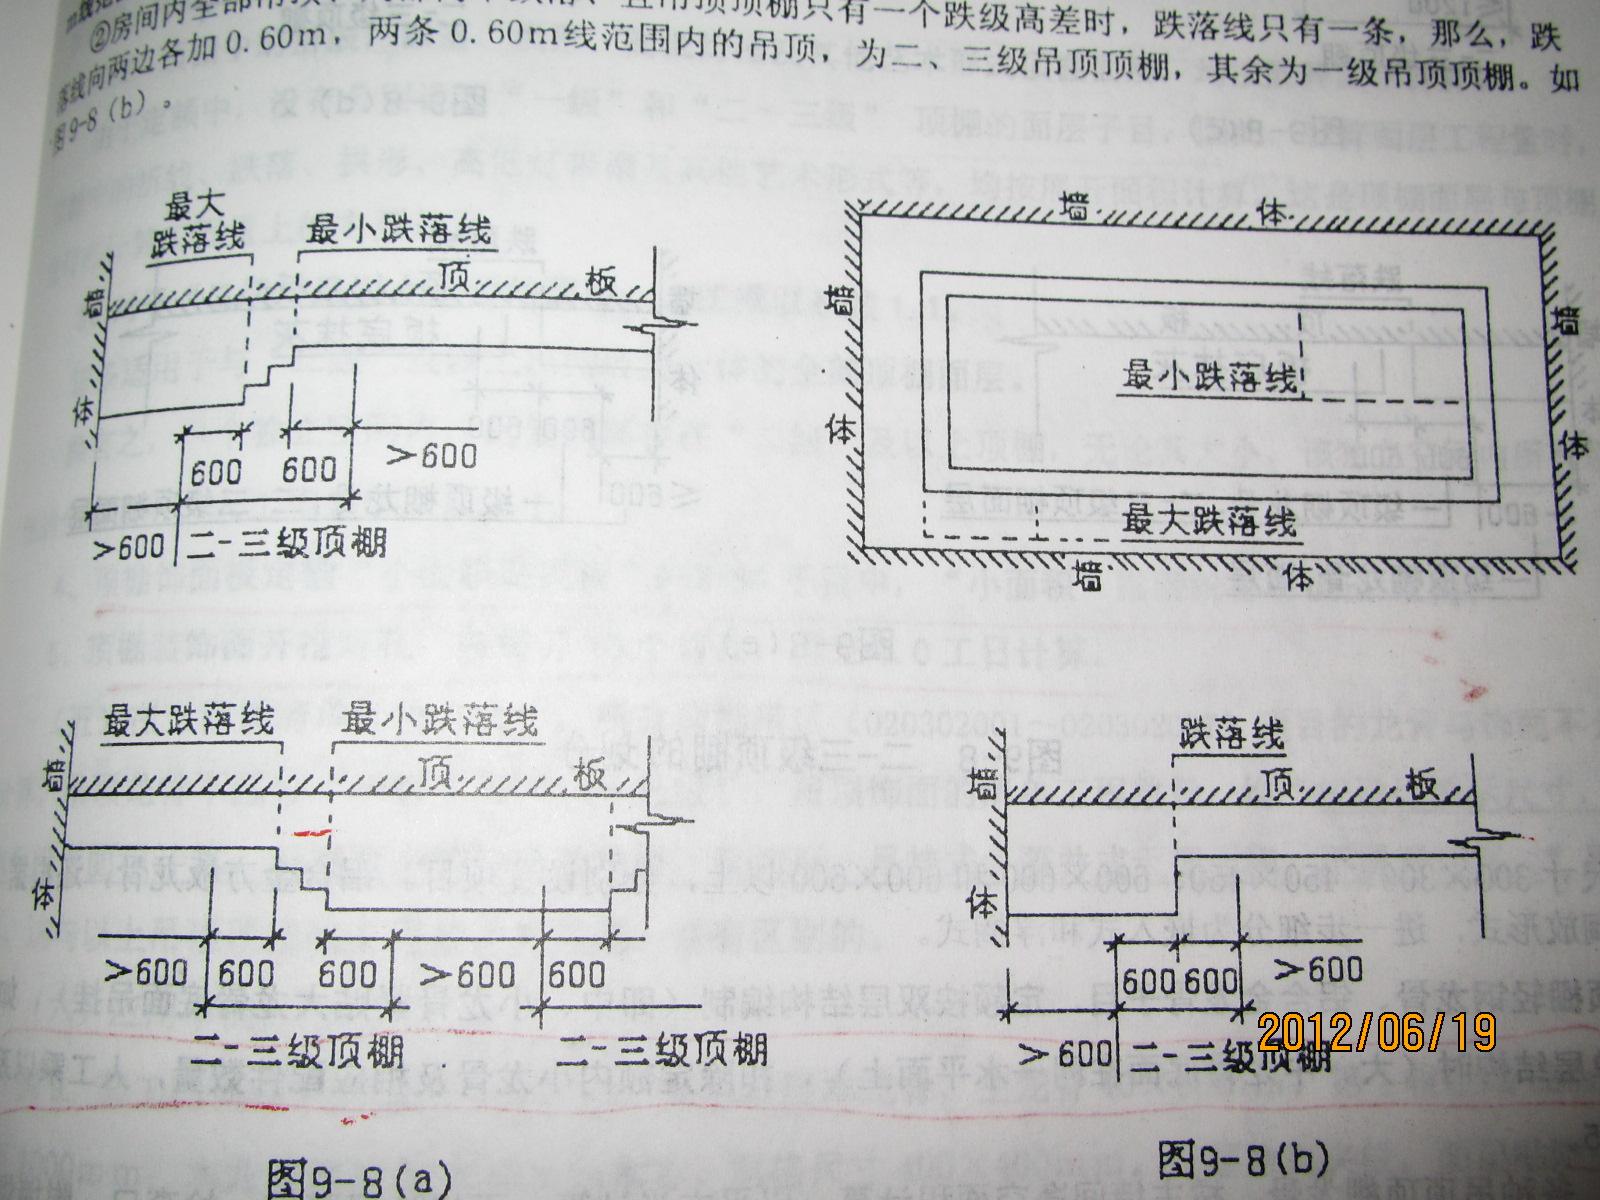 二级吊顶结构�_一二级吊顶的区分!